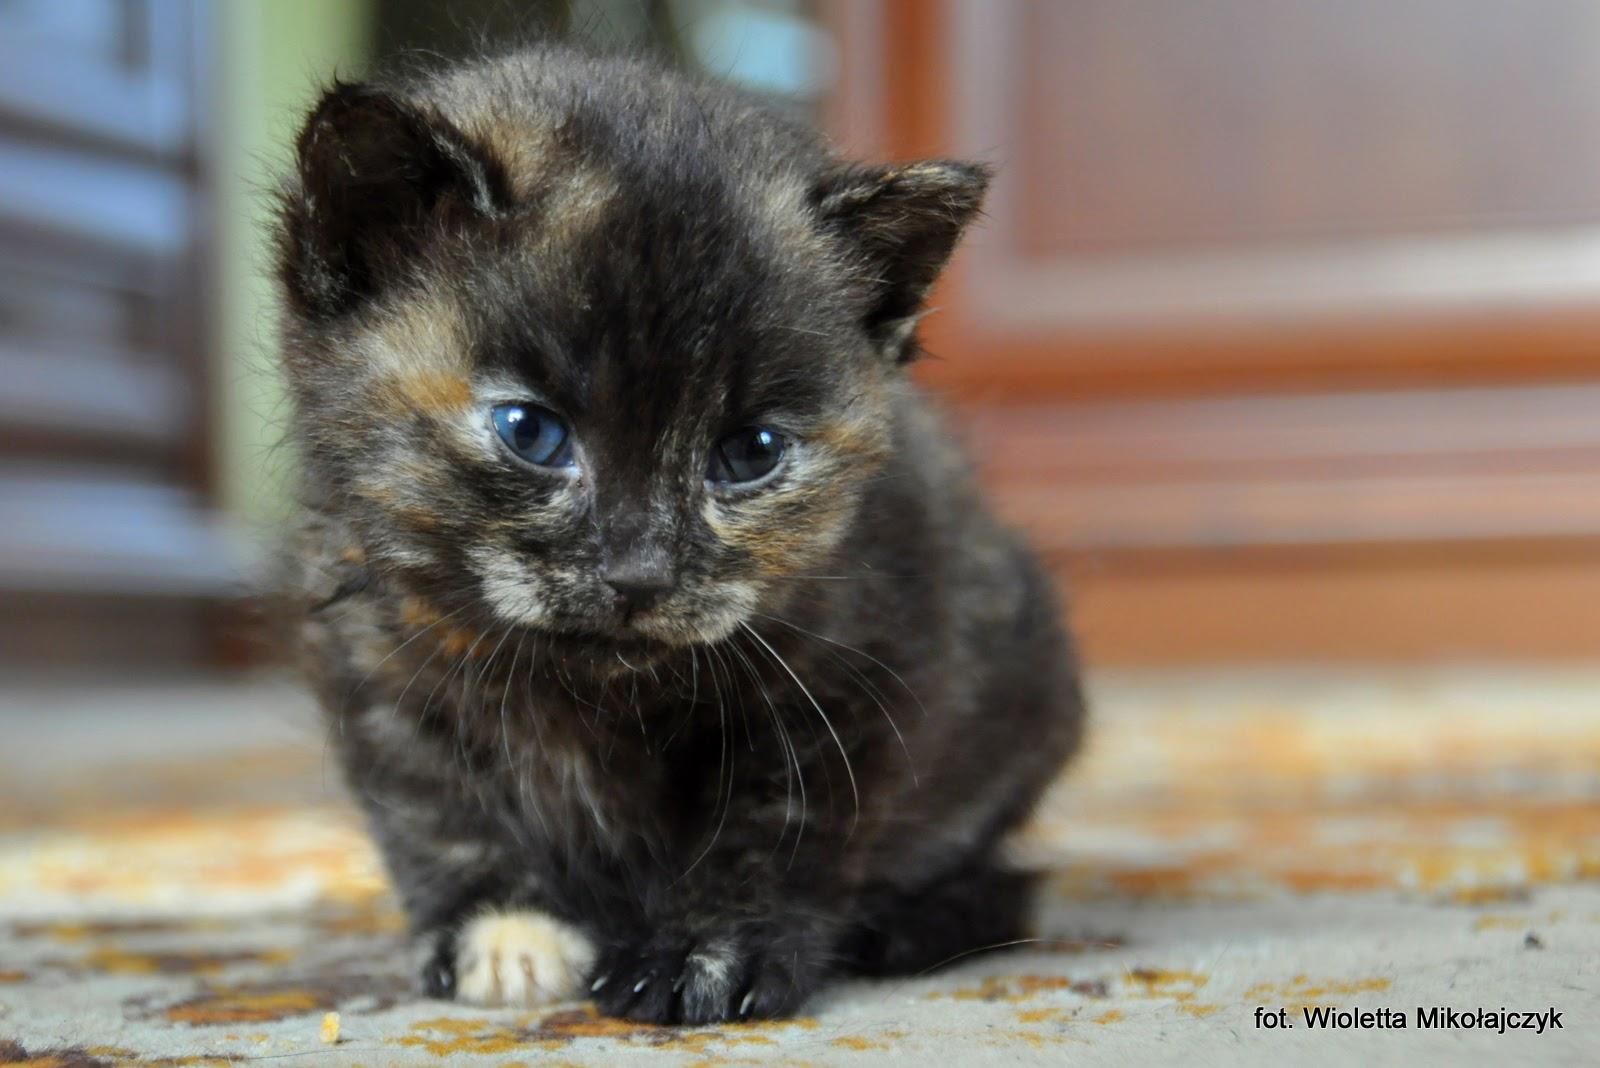 FOTOGRAFICZNIE: Miesiąc z życia ślicznego kociaka.